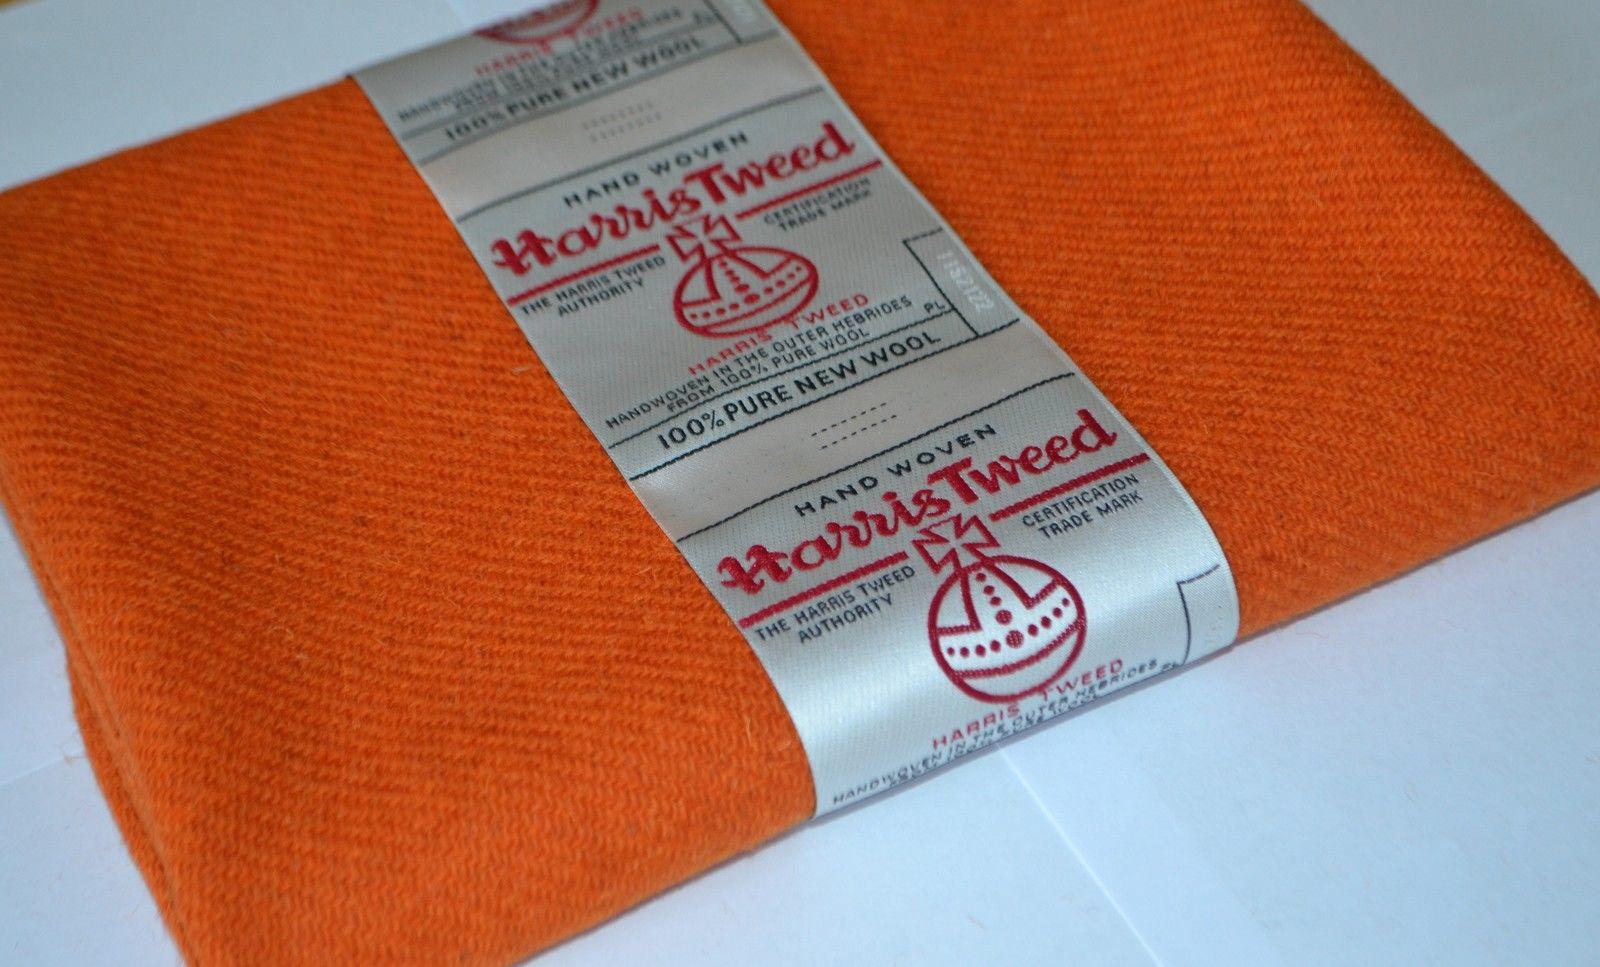 Burnt Orange Wool by Harris Tweed